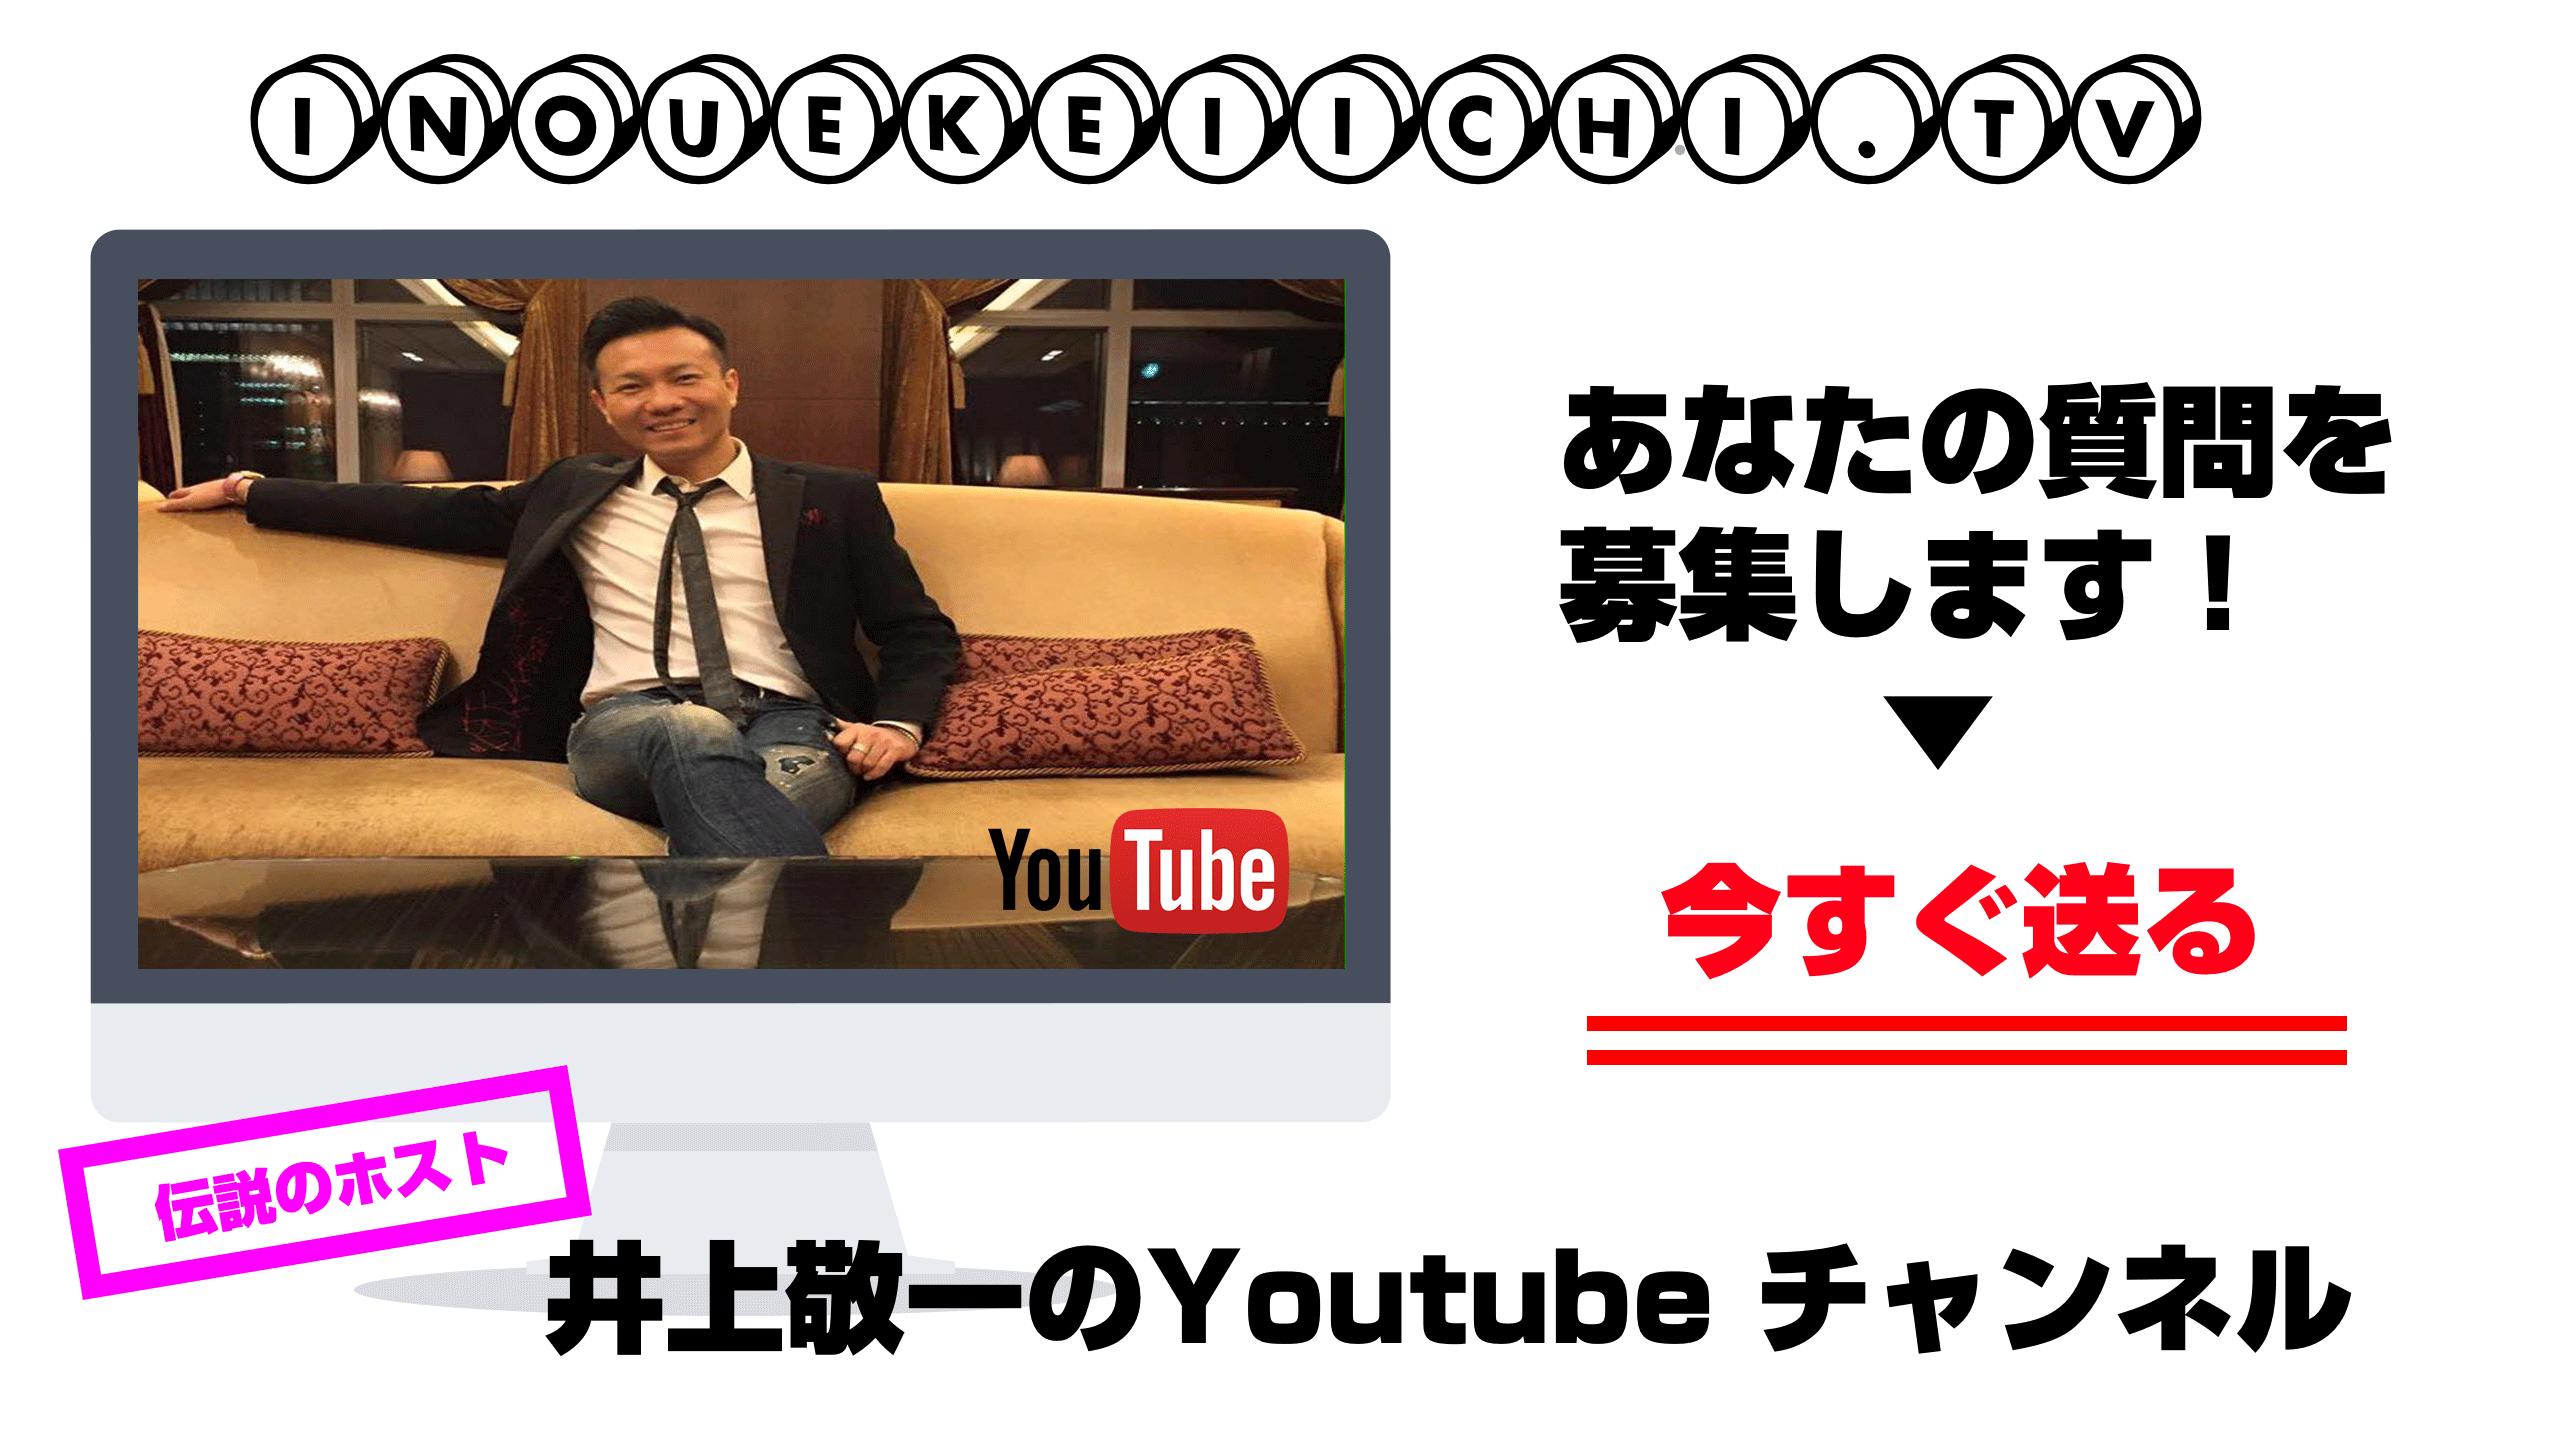 inouekeiichi-tv